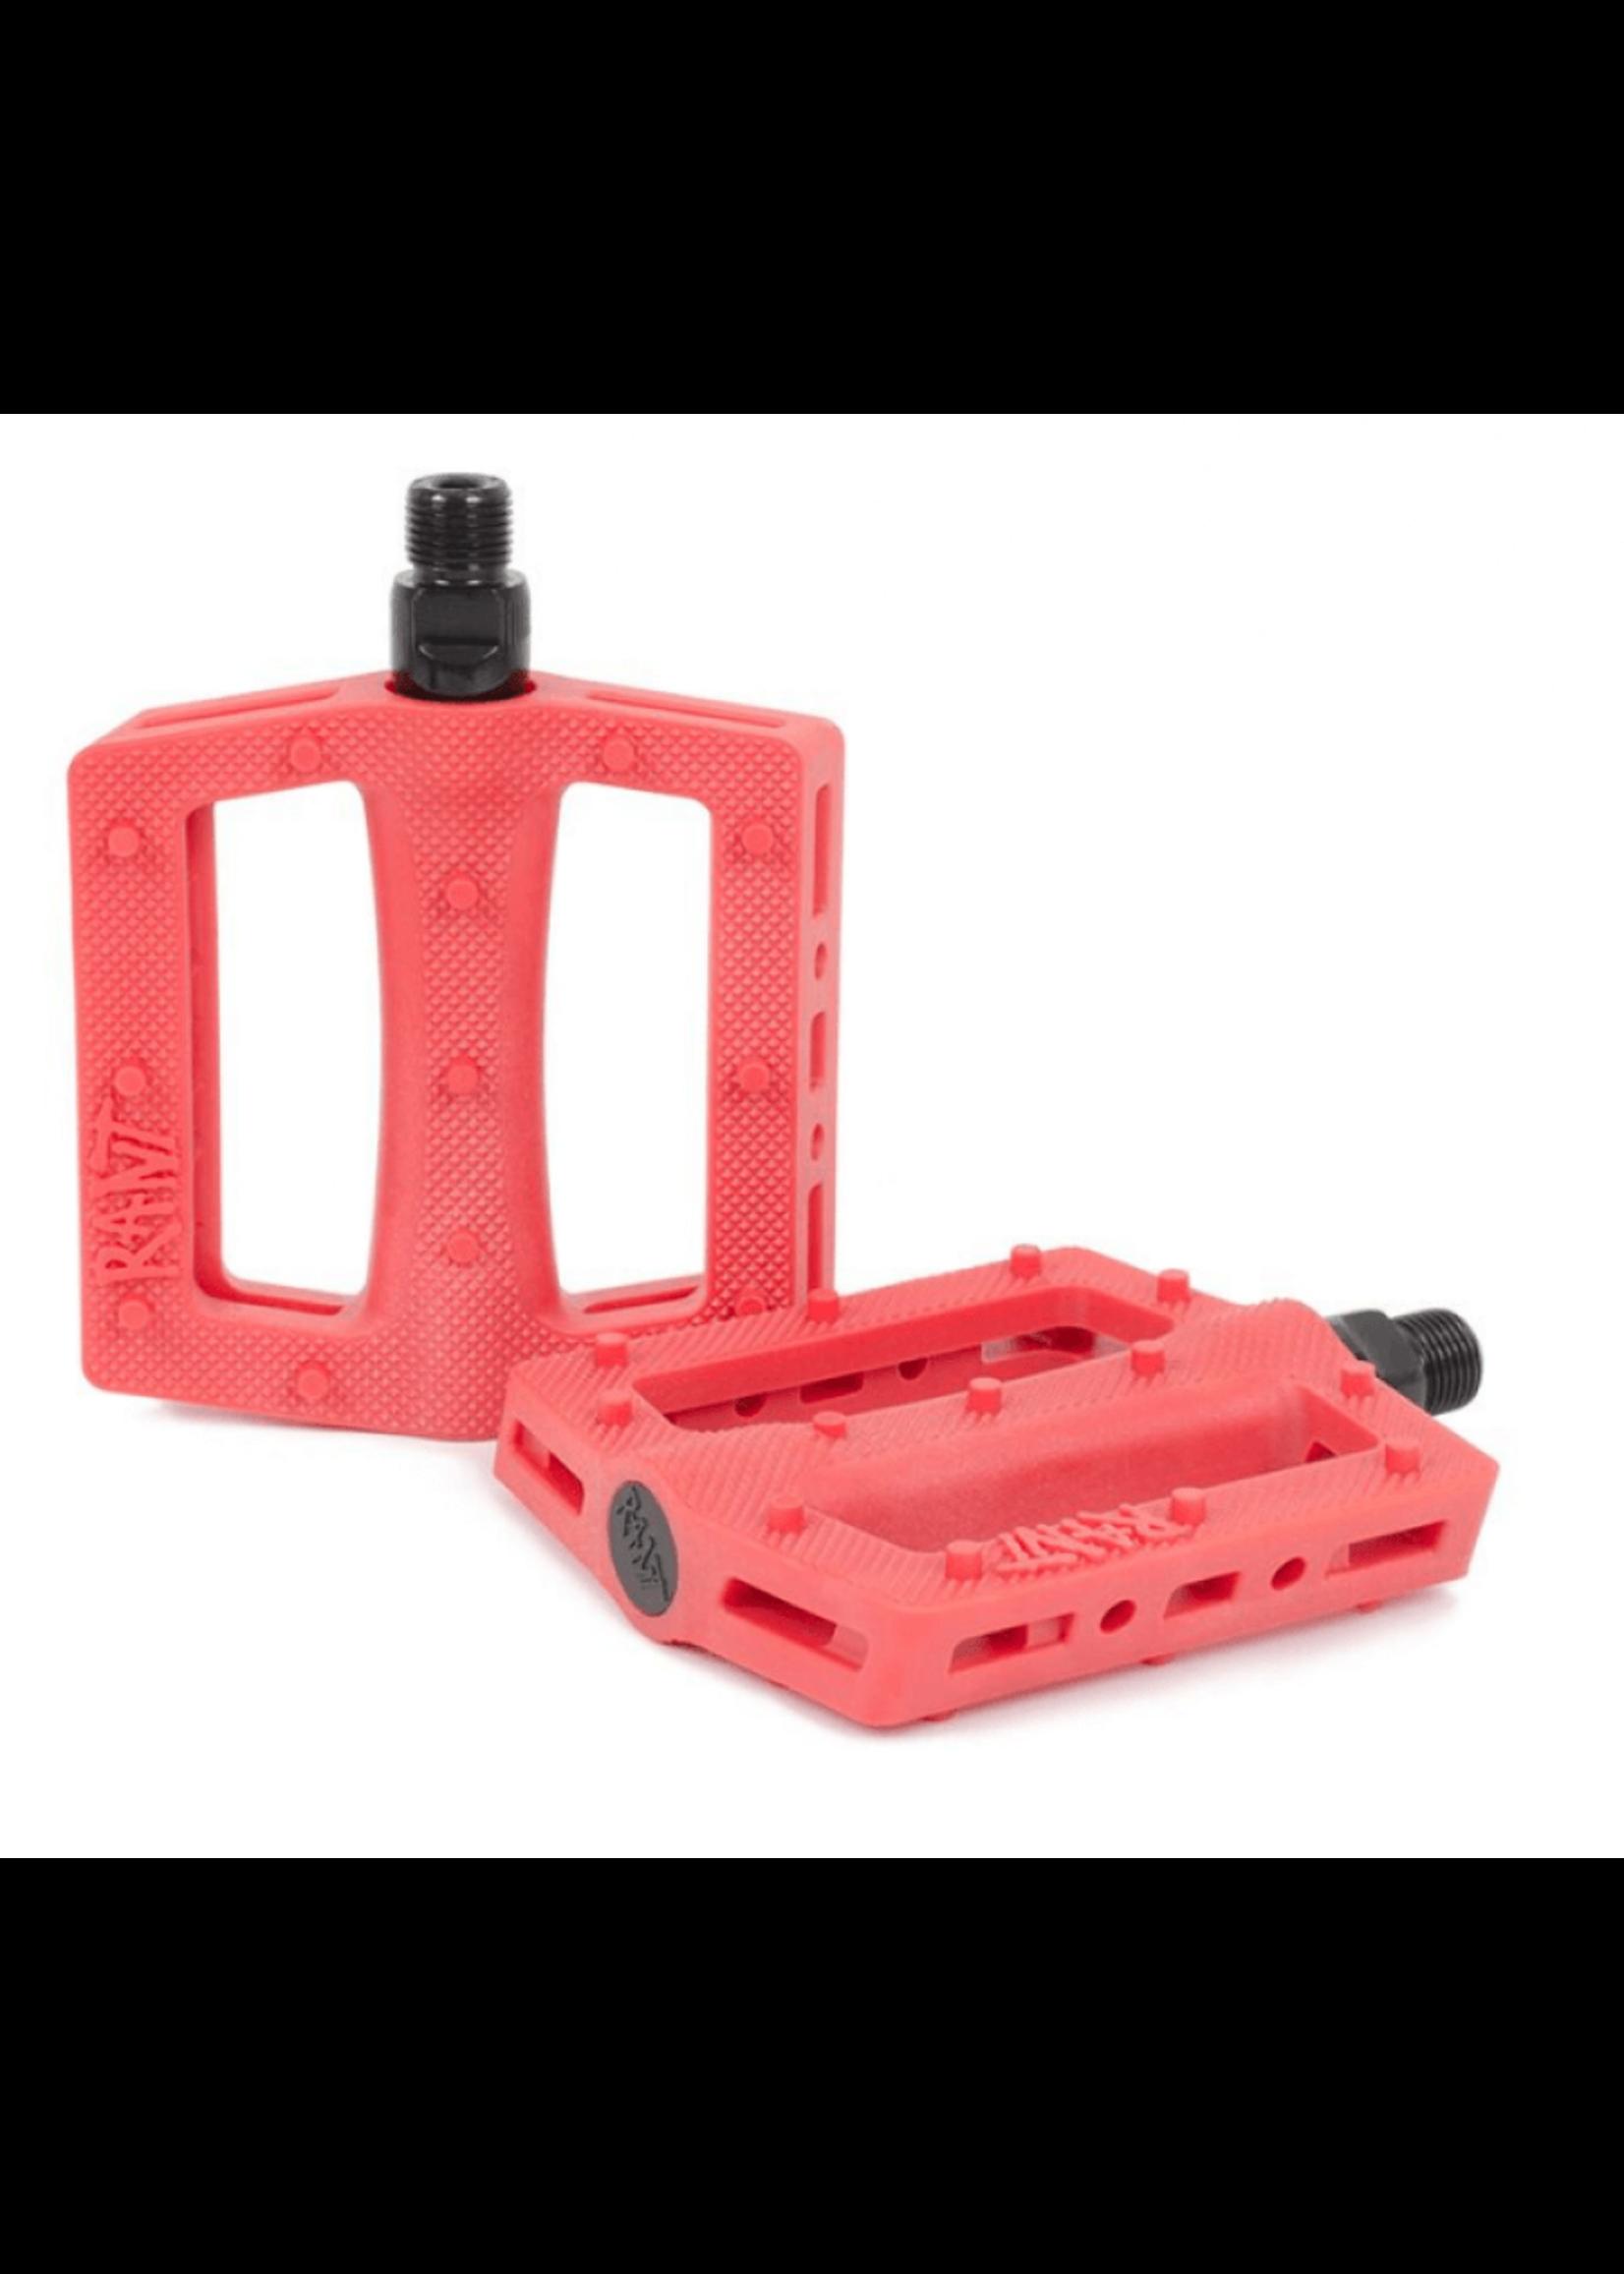 Rant Rant - Trill Plastic Pedals